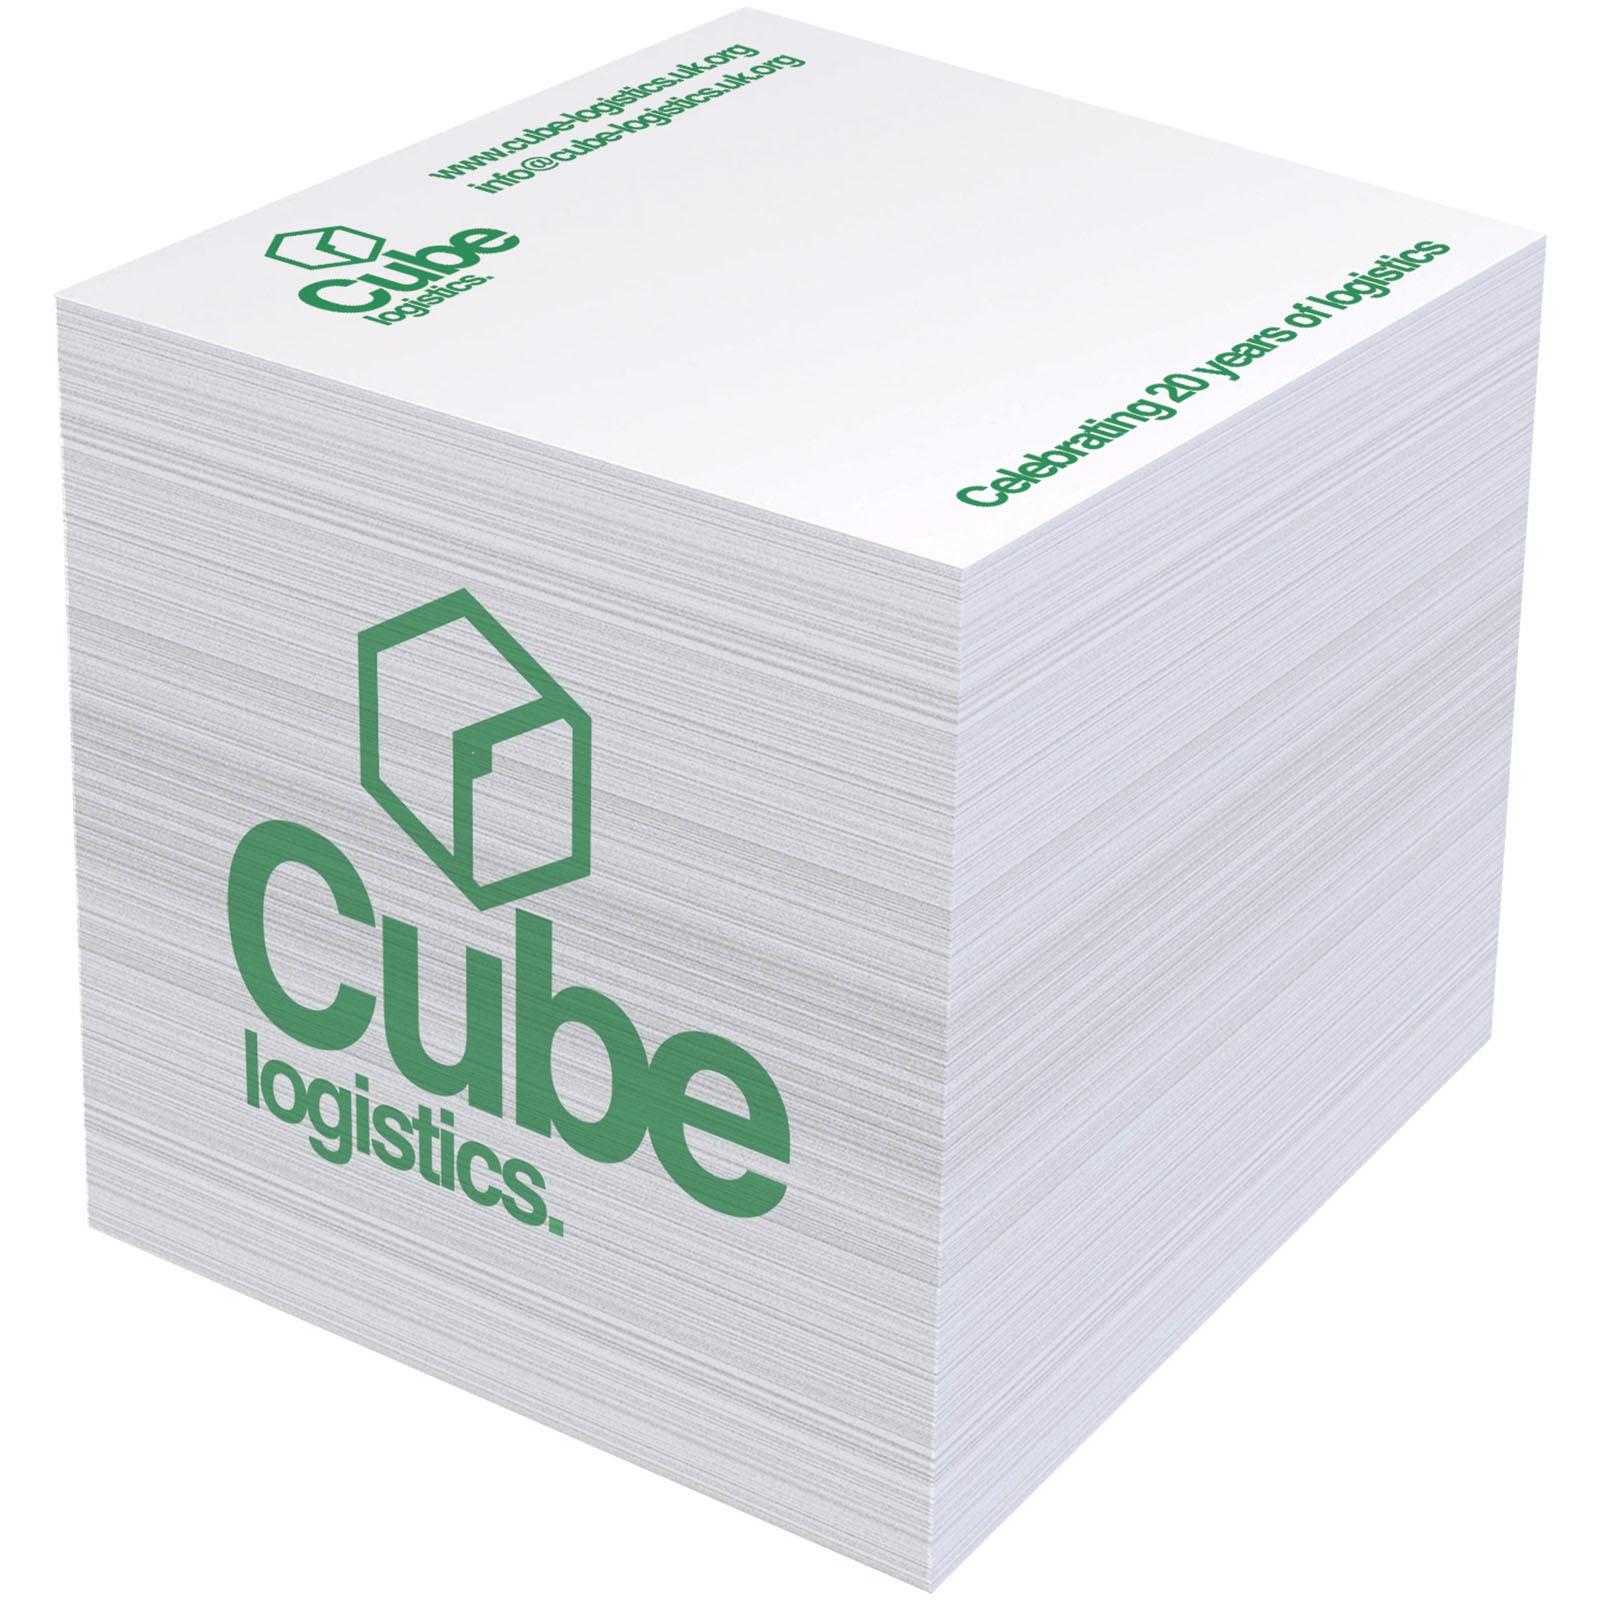 Duży notatnik Block-Mate w formacie 4A 55x55